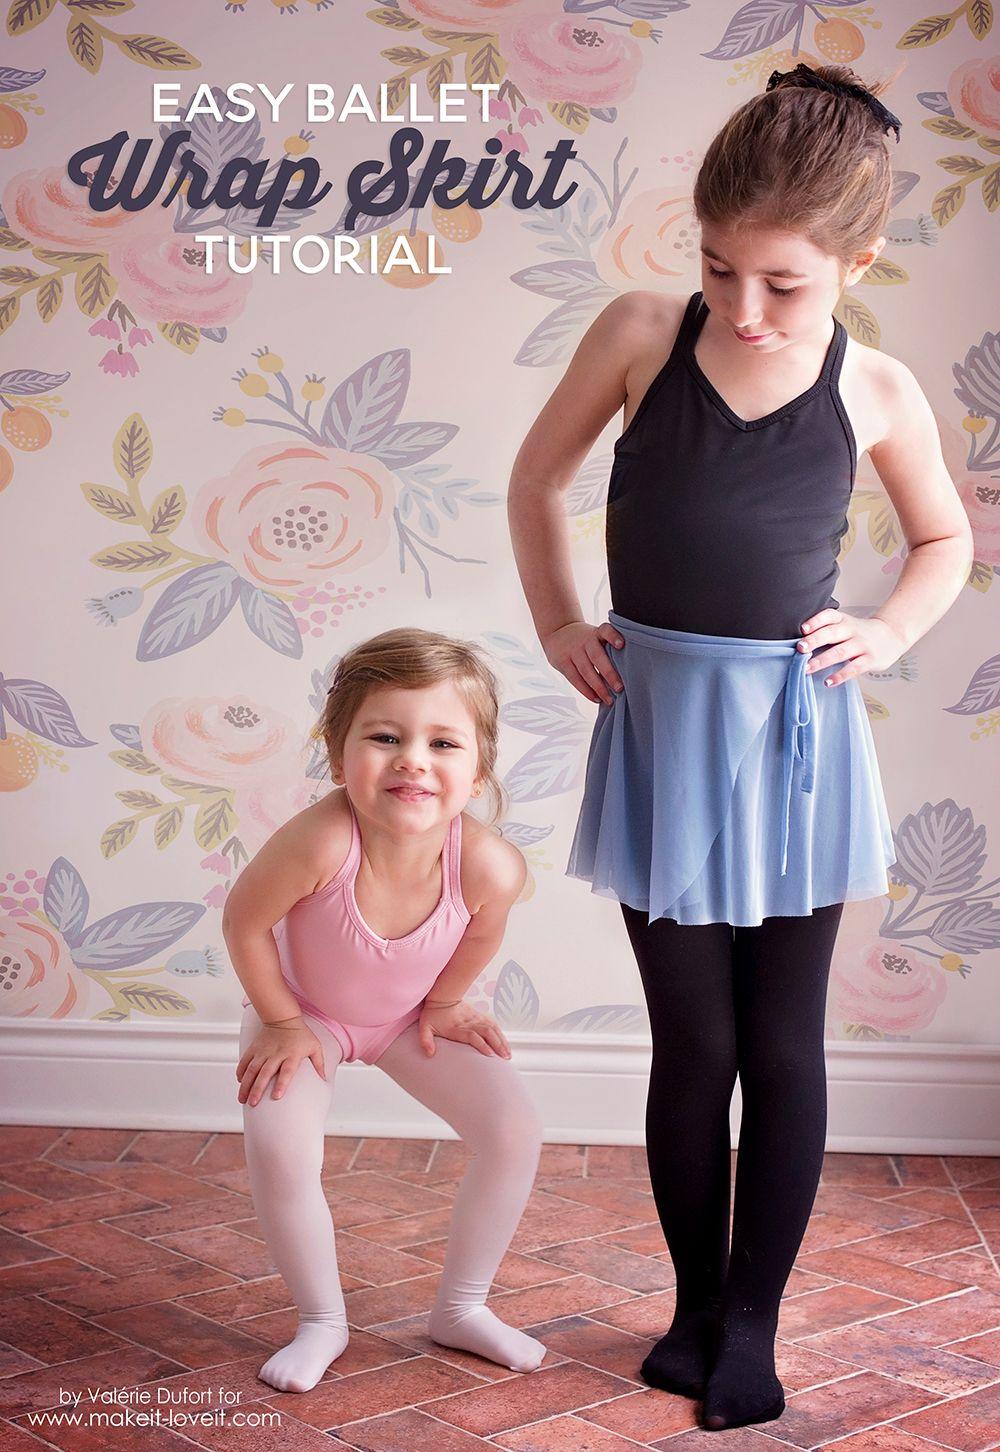 Easy Ballet Wrap Skirt Tutorial | Wrap skirt tutorial, Dance wear ...